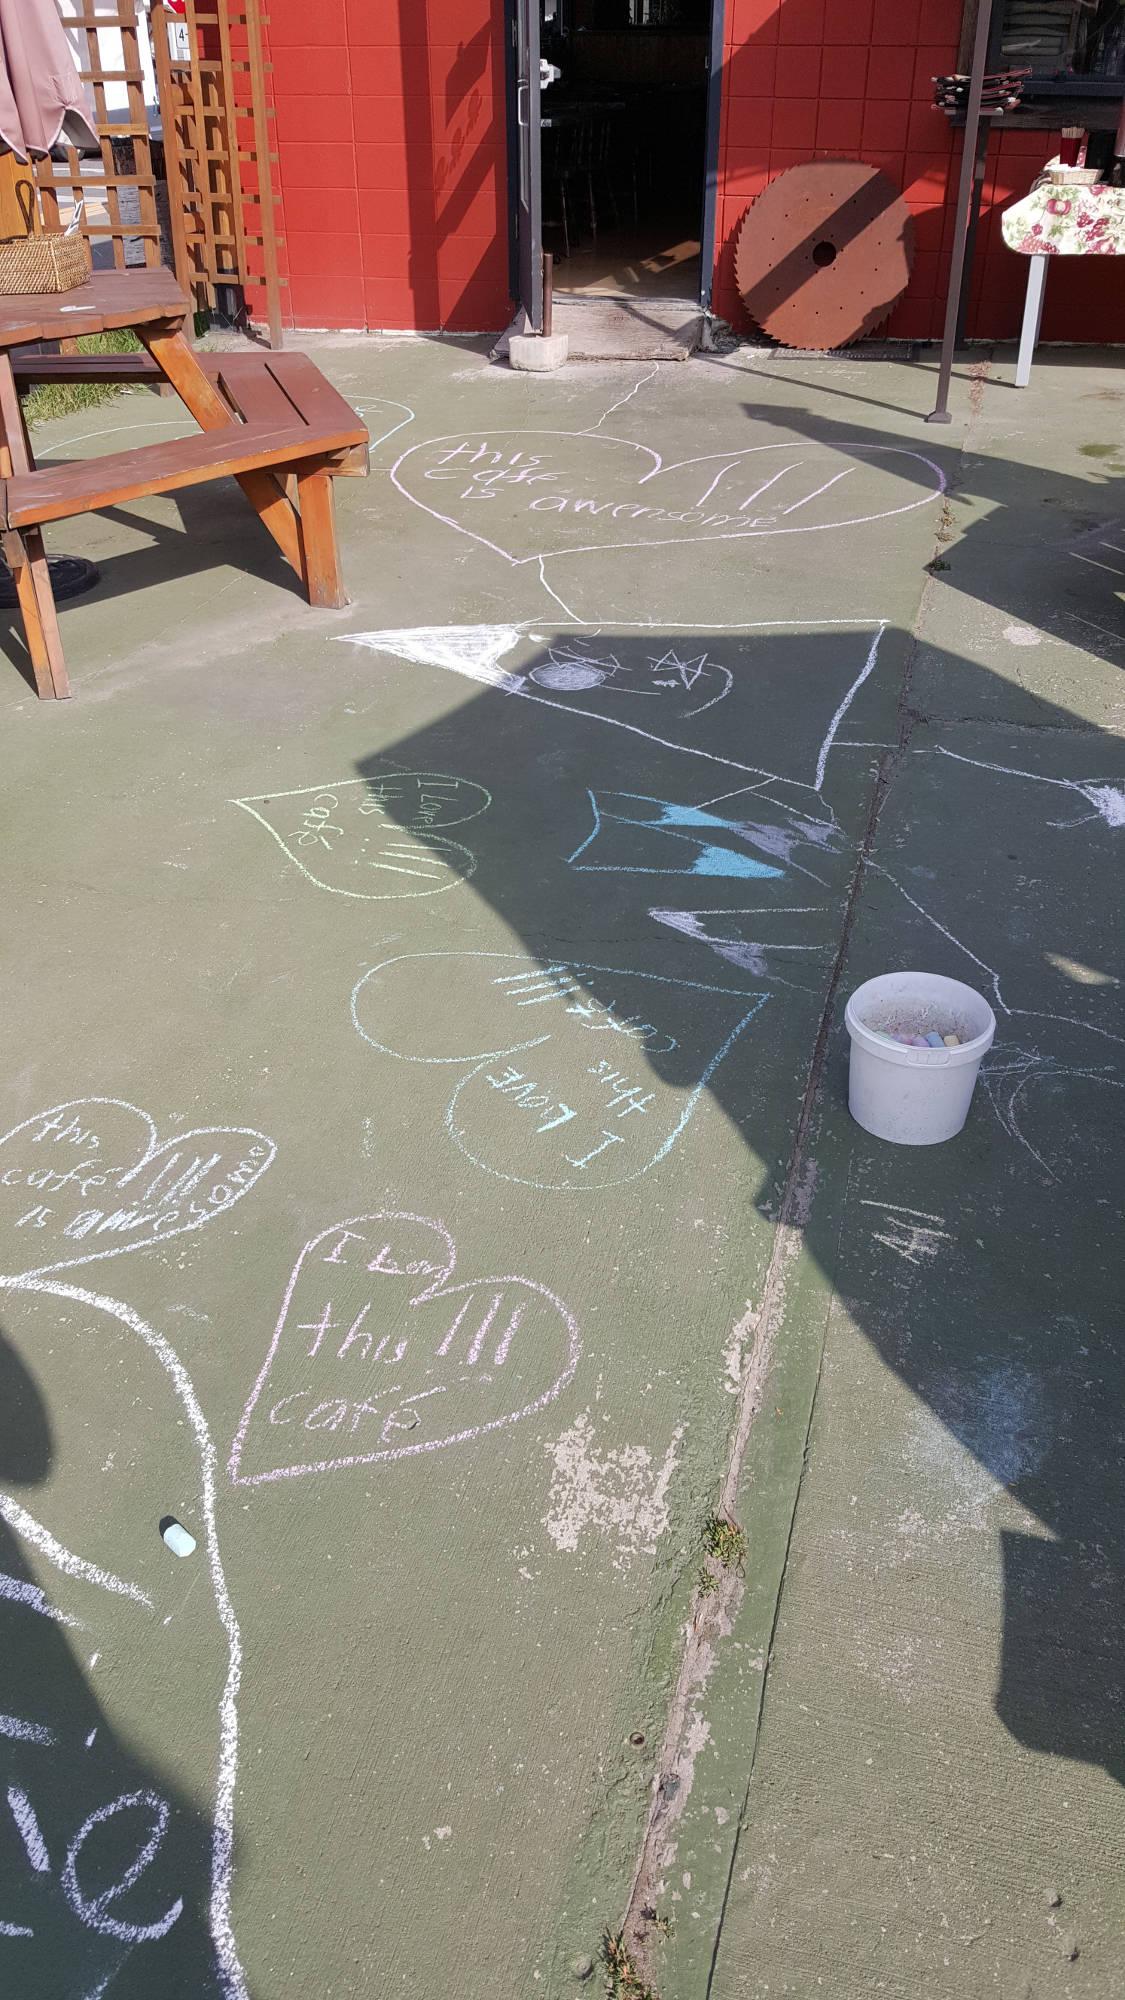 chalked up sidewalk